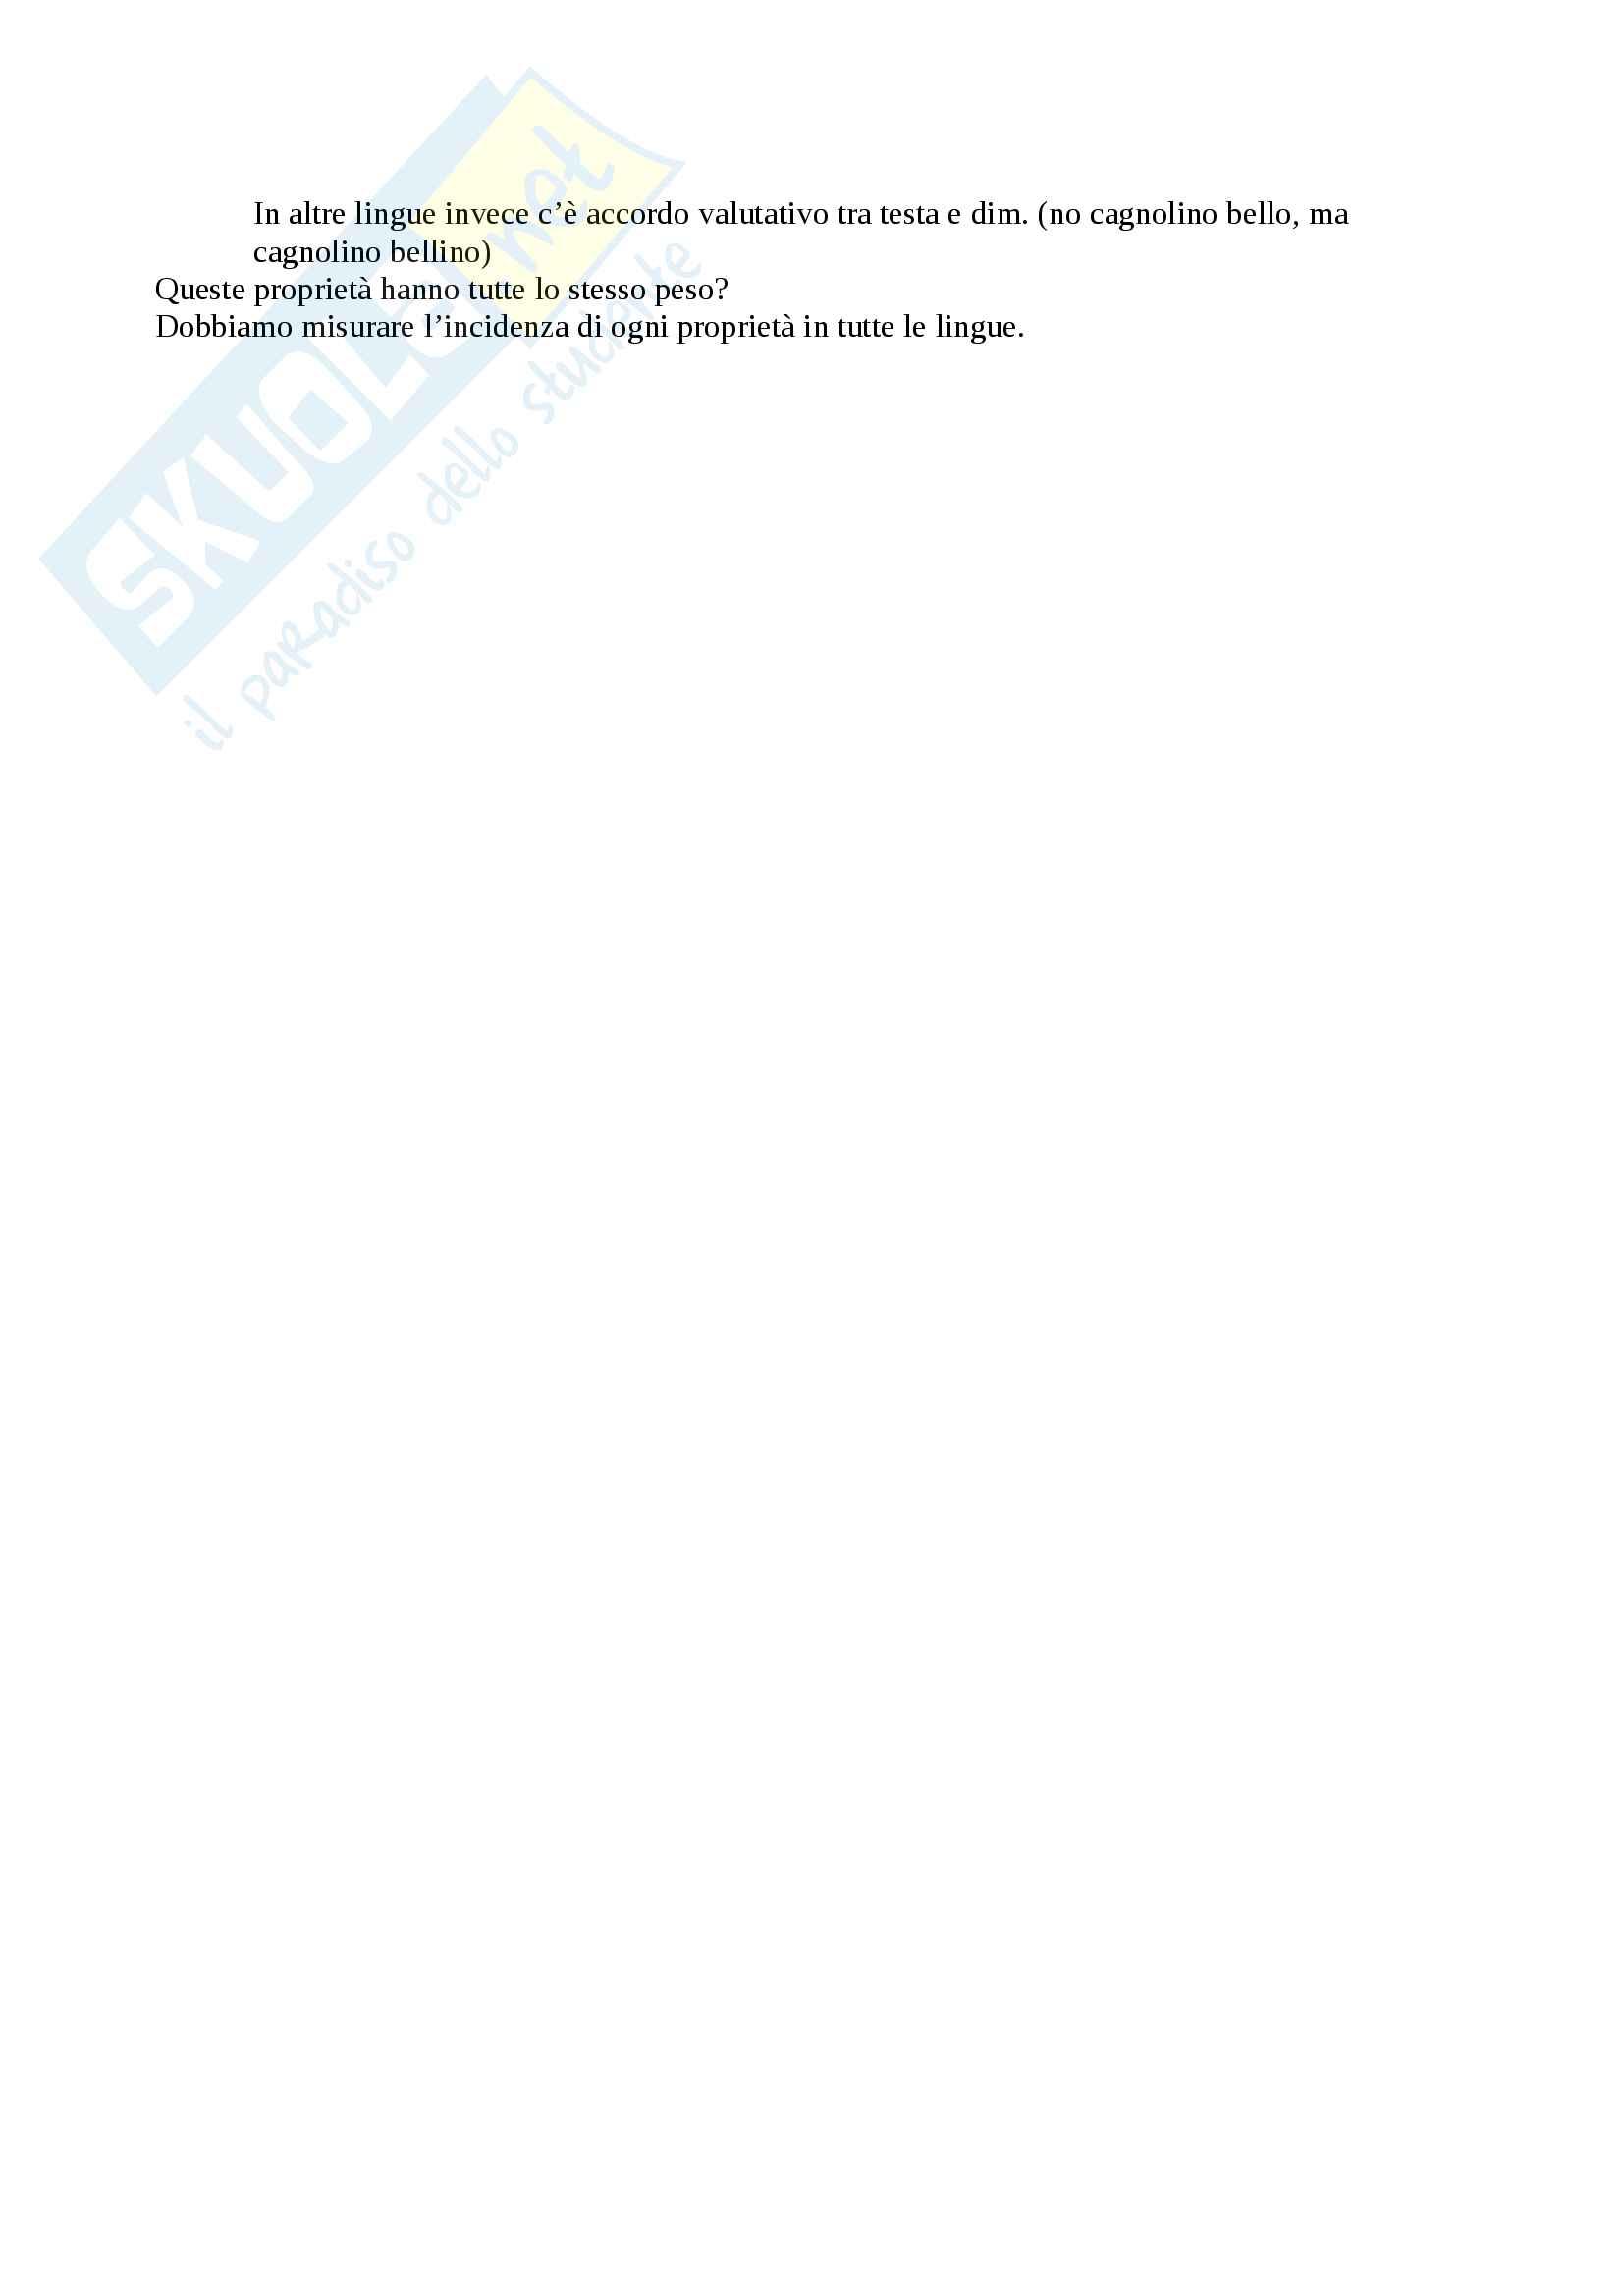 Andrea Scala - Linguistica generale Pag. 61